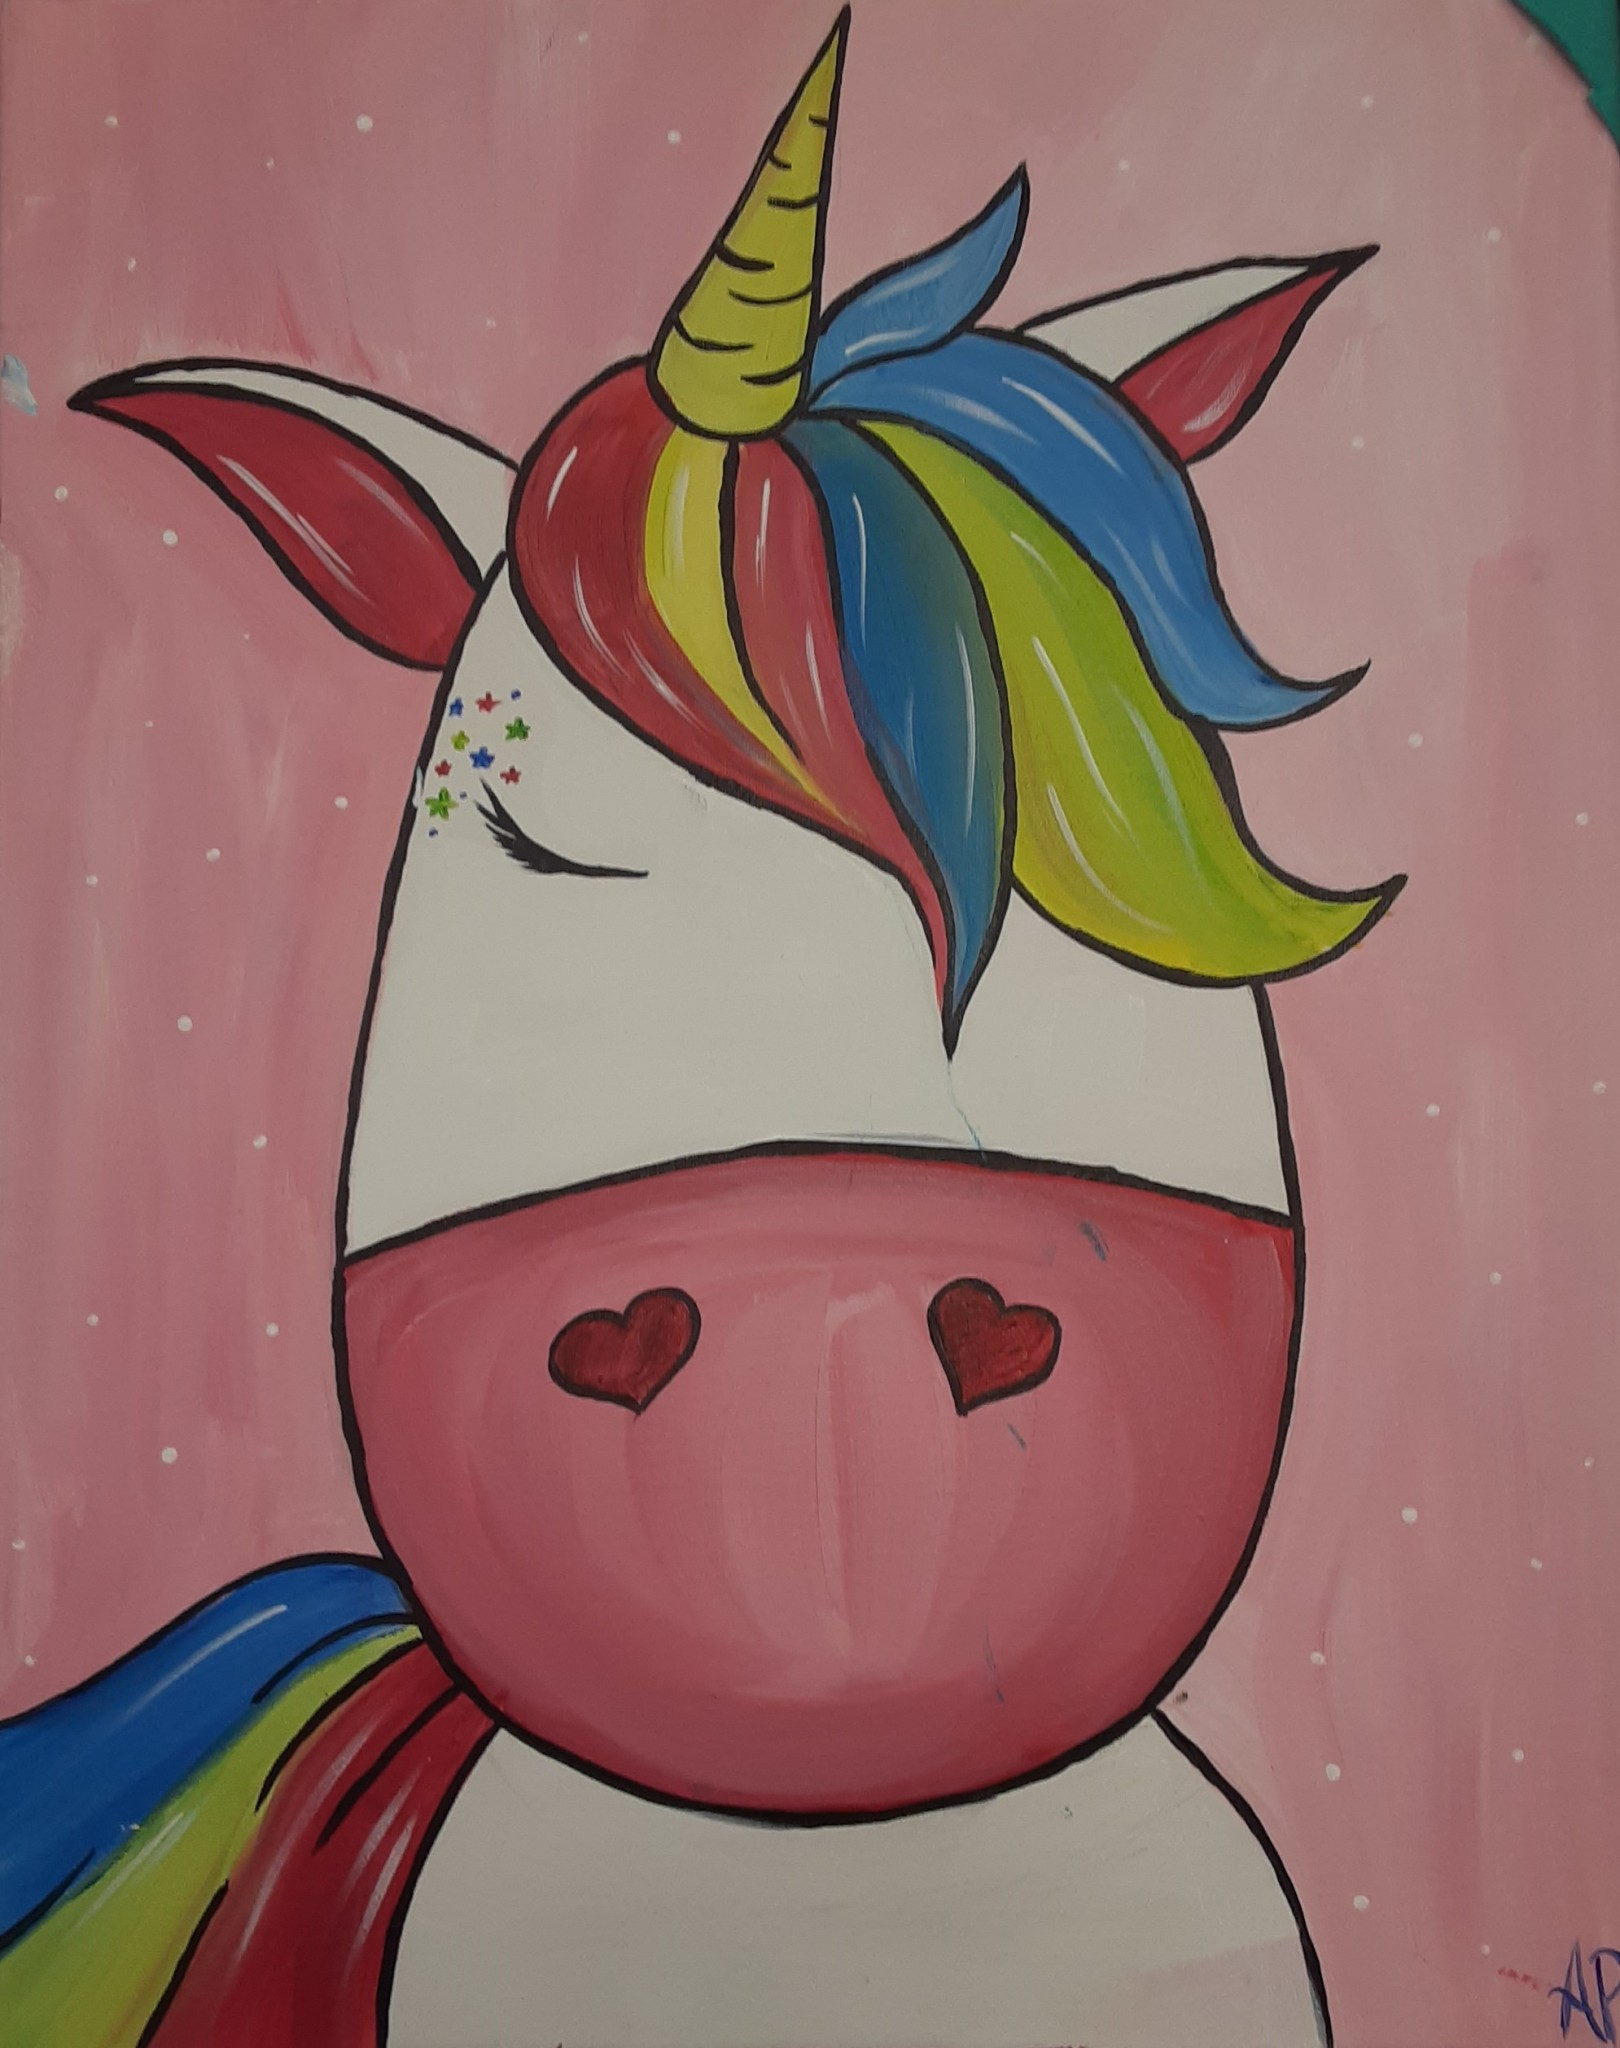 Let's Paint A Unicorn With Daniel Frost